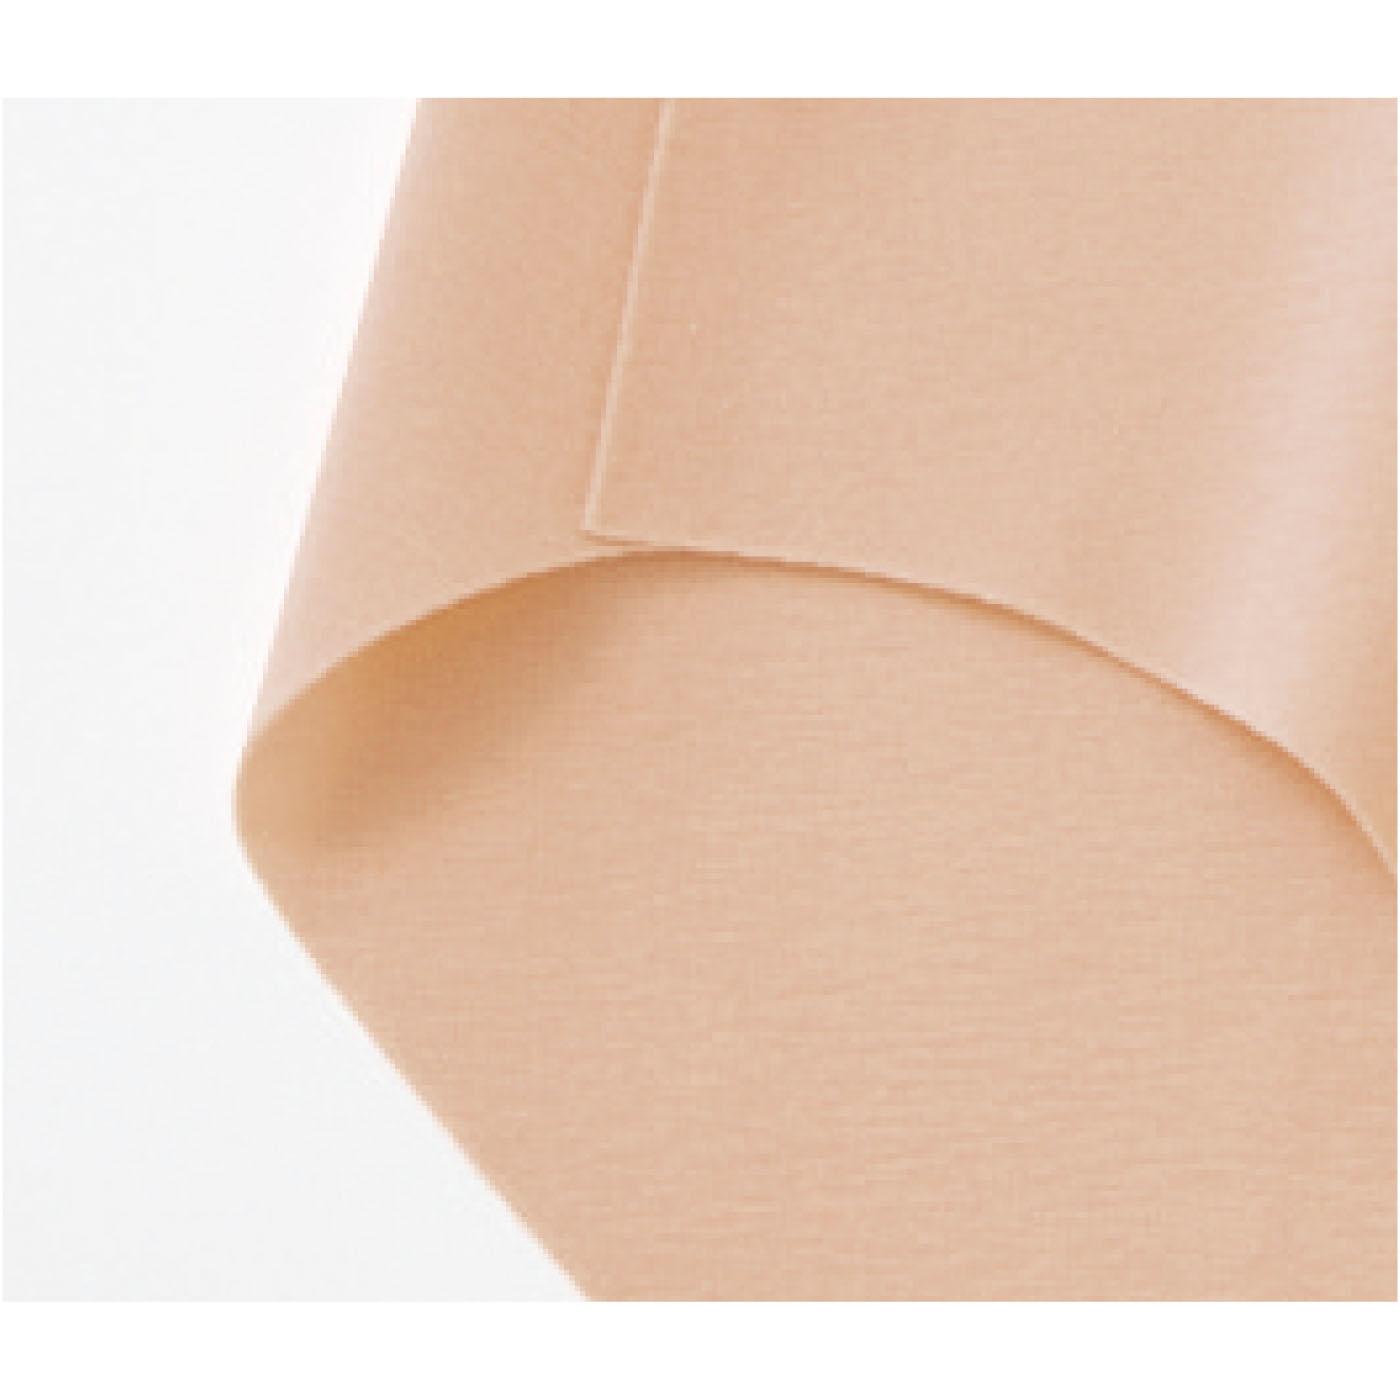 縫い目のない接着仕様(※完全無縫製(R))縫い目がないので肌への負担が少なく、ウエストや脚口などの段差もできにくい仕様です。※完全無縫製(R)はグンゼ株式会社の登録商標です。(写真はベージュです)